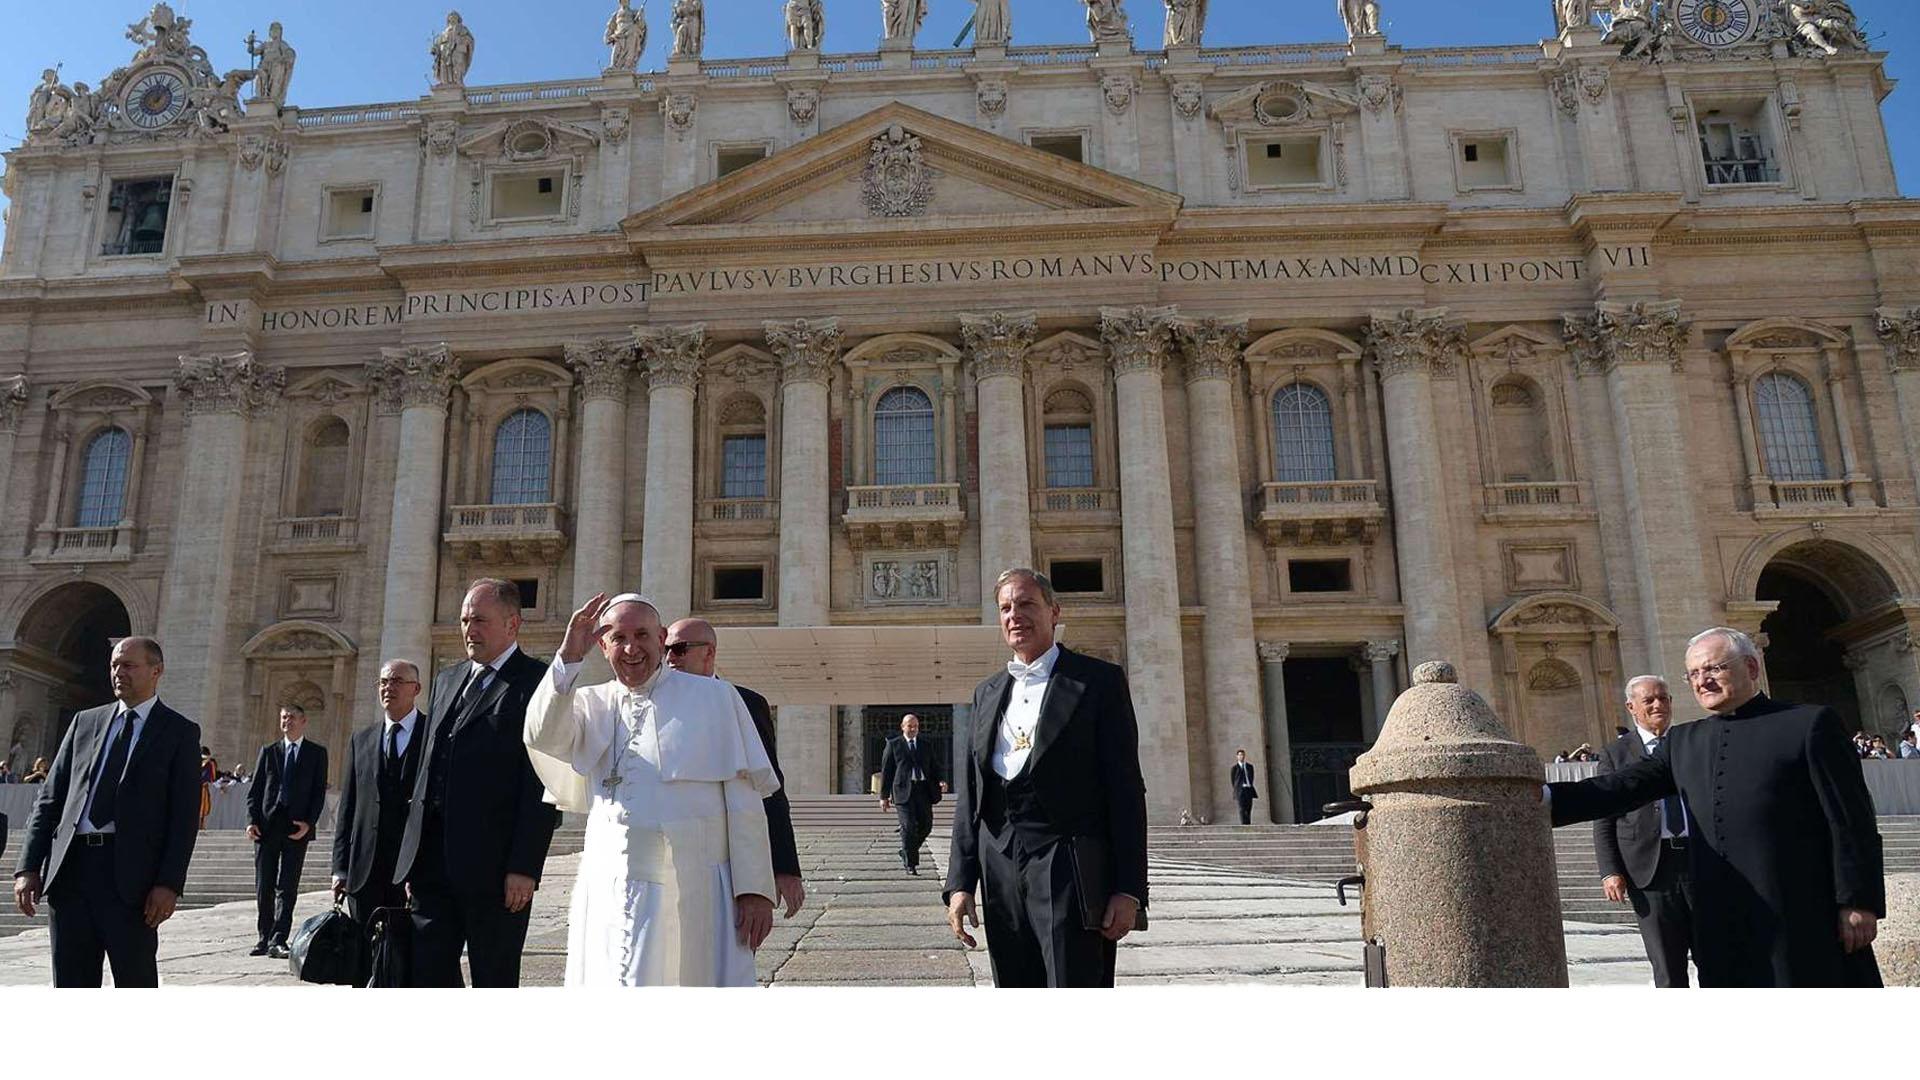 Representante del Vaticano arribará a Venezuela Monseñor Paul Richard Gallagher visitará nuestro país en busca del diálogo